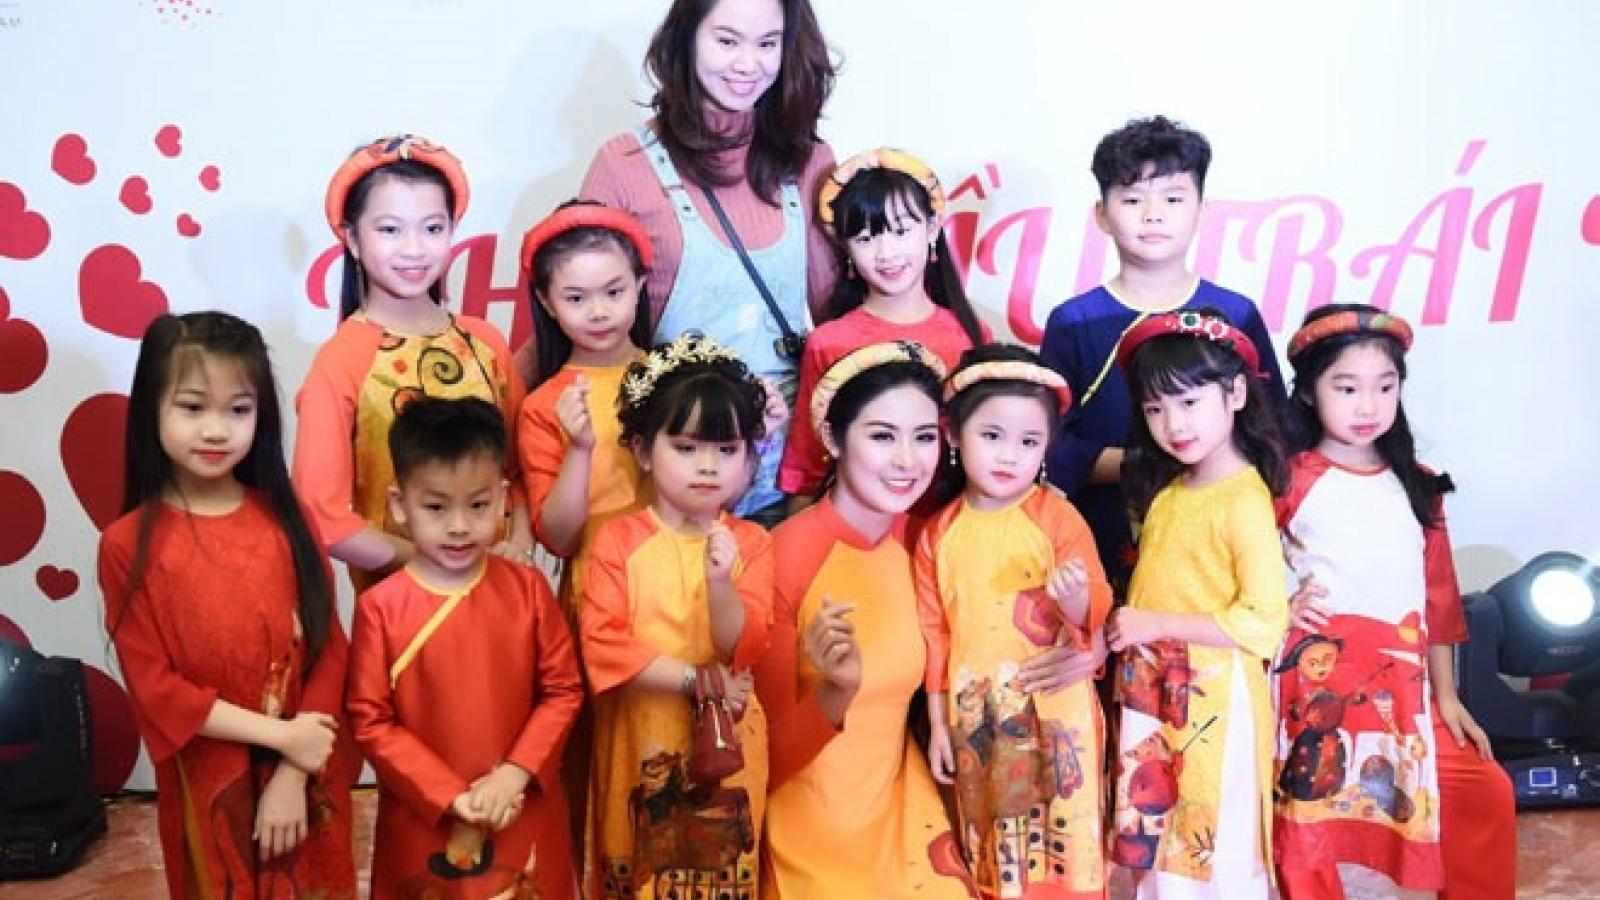 Ngo Phuong Lan launches child education fundraiser